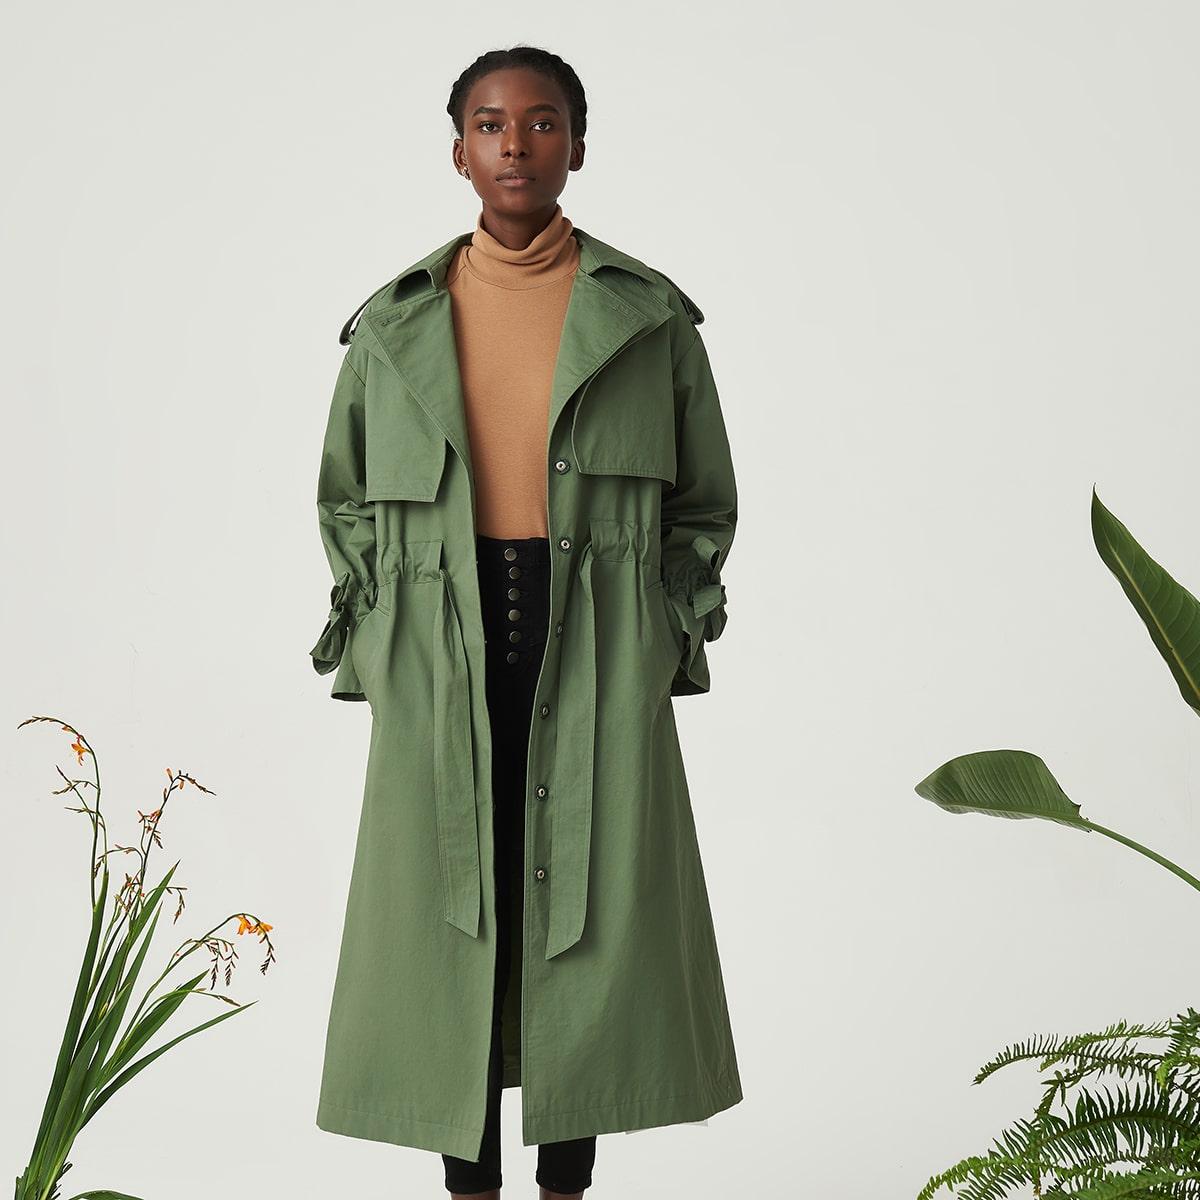 Baumwolle Mantel mit einreihiger Knopfleiste und Kordelzug Detail